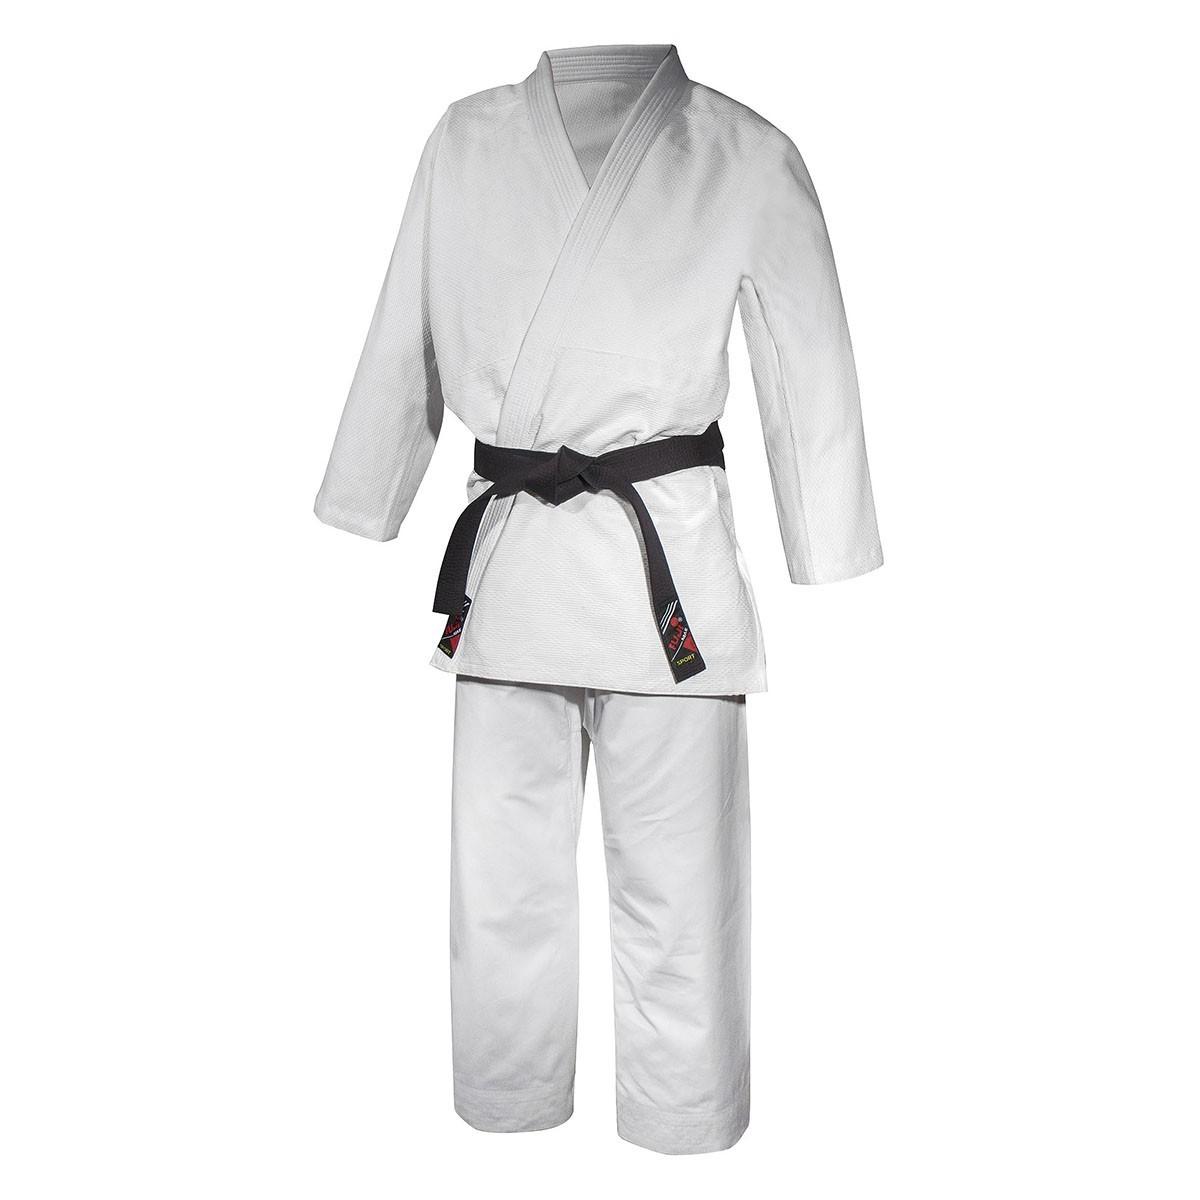 c2b072d57f Judo edzőruha rizsszemes, fehér - Judo - FujiMae Küzdősport felszerelések  webáruháza